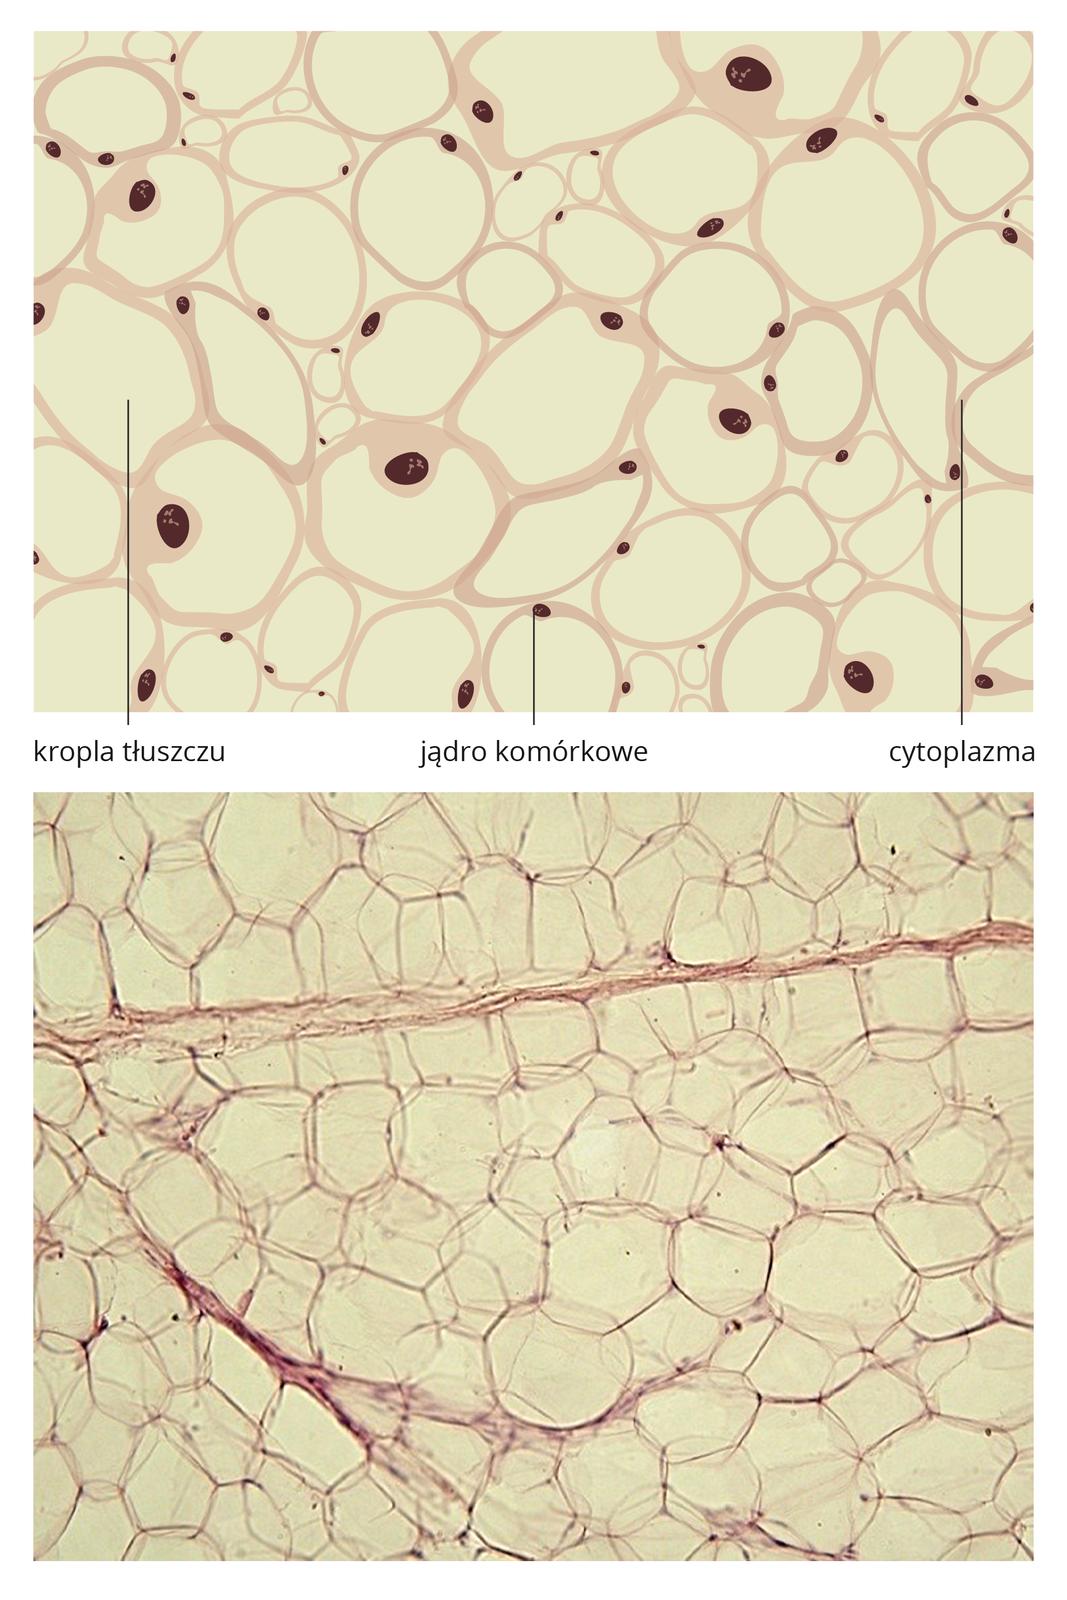 Ilustracja przedstawia dwa obrazy tkanki tłuszczowej jeden pod drugim. Na rysunku ugóry znajdują się okrągłe komórki, luźno ze sobą połączone. Wkażdej brązowym kolorem zaznaczono podpisane niżej jądro komórkowe. Obok wskazano kroplę tłuszczu we wnętrzu komórki. Podpisano liliową, wąską cytoplazmę. Poniżej znajduje się obraz mikroskopowy tkanki tłuszczowej. Liczne wielokątne komórki są przedzielone beżowymi pasmami.